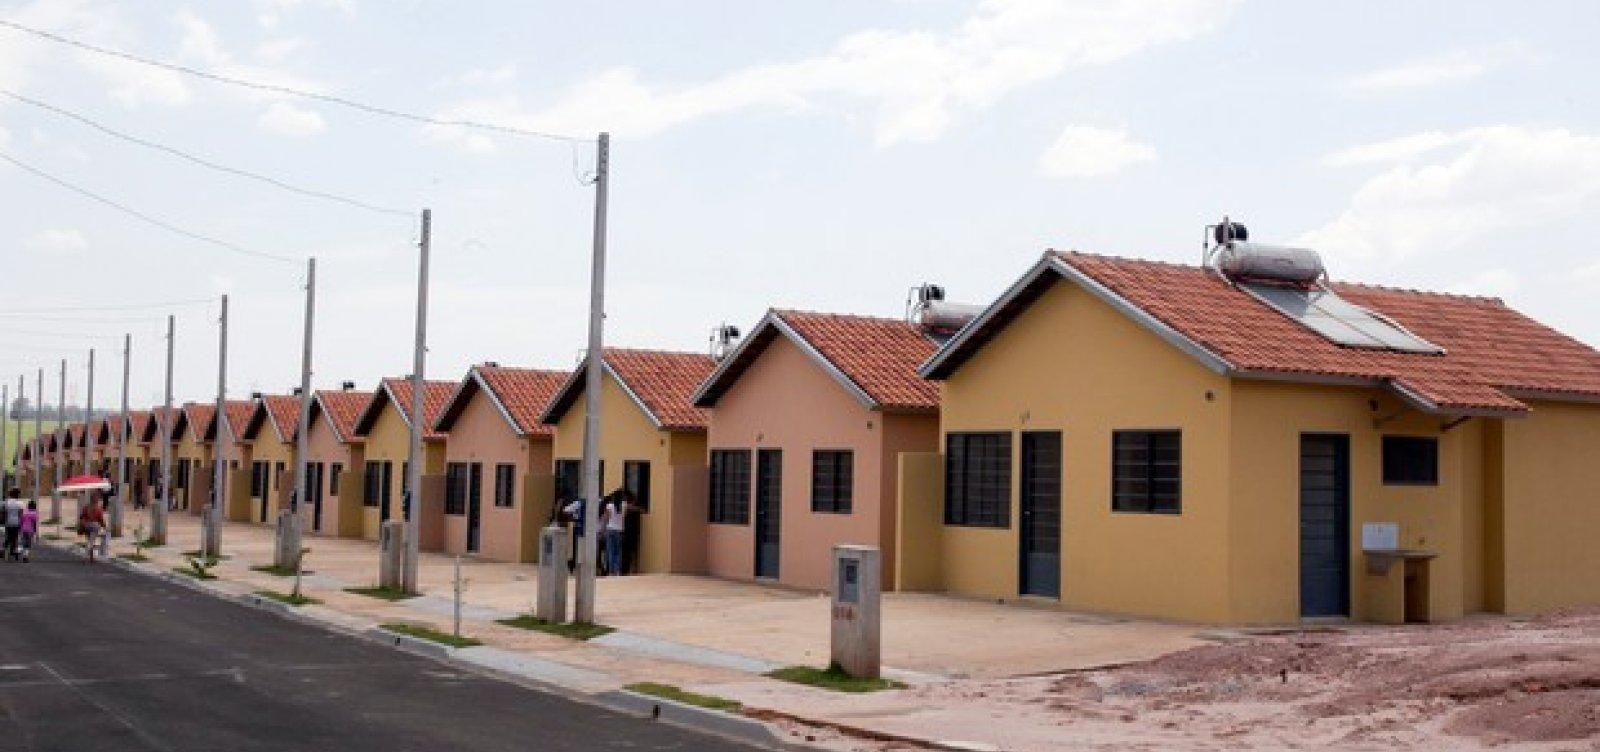 [Após ameaças de paralisação, governo libera R$ 800 mi para Minha Casa Minha Vida]